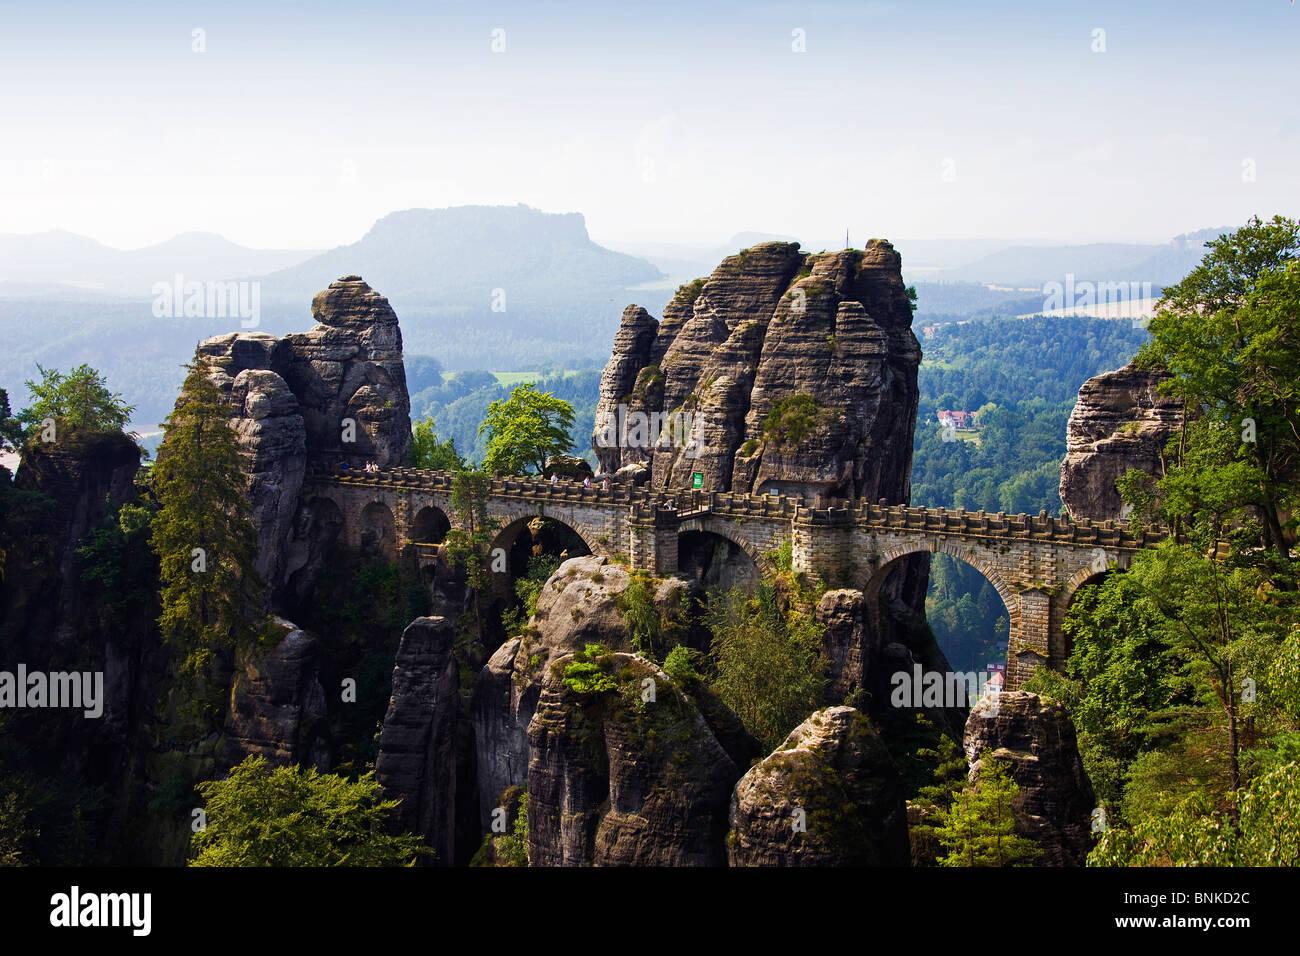 Germany bastion Belvedere Saxon Switzerland bridges rocks cliffs ...